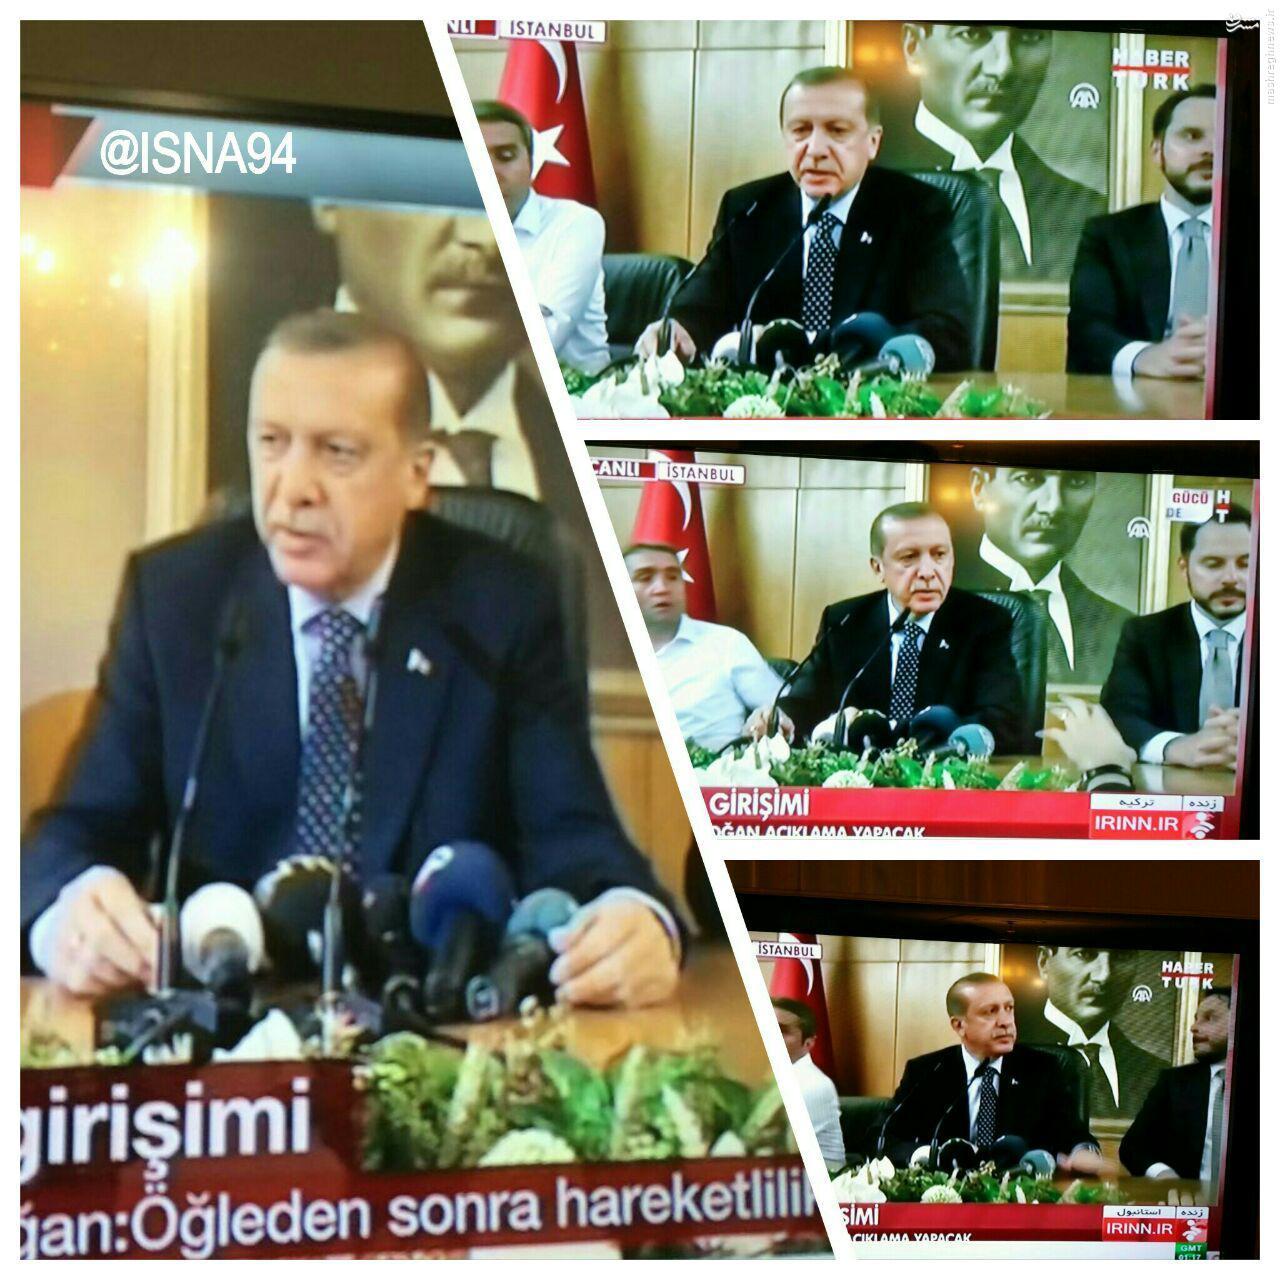 اردوغان: کودتا شکست خورد/ مردم به میدانها بیابیند